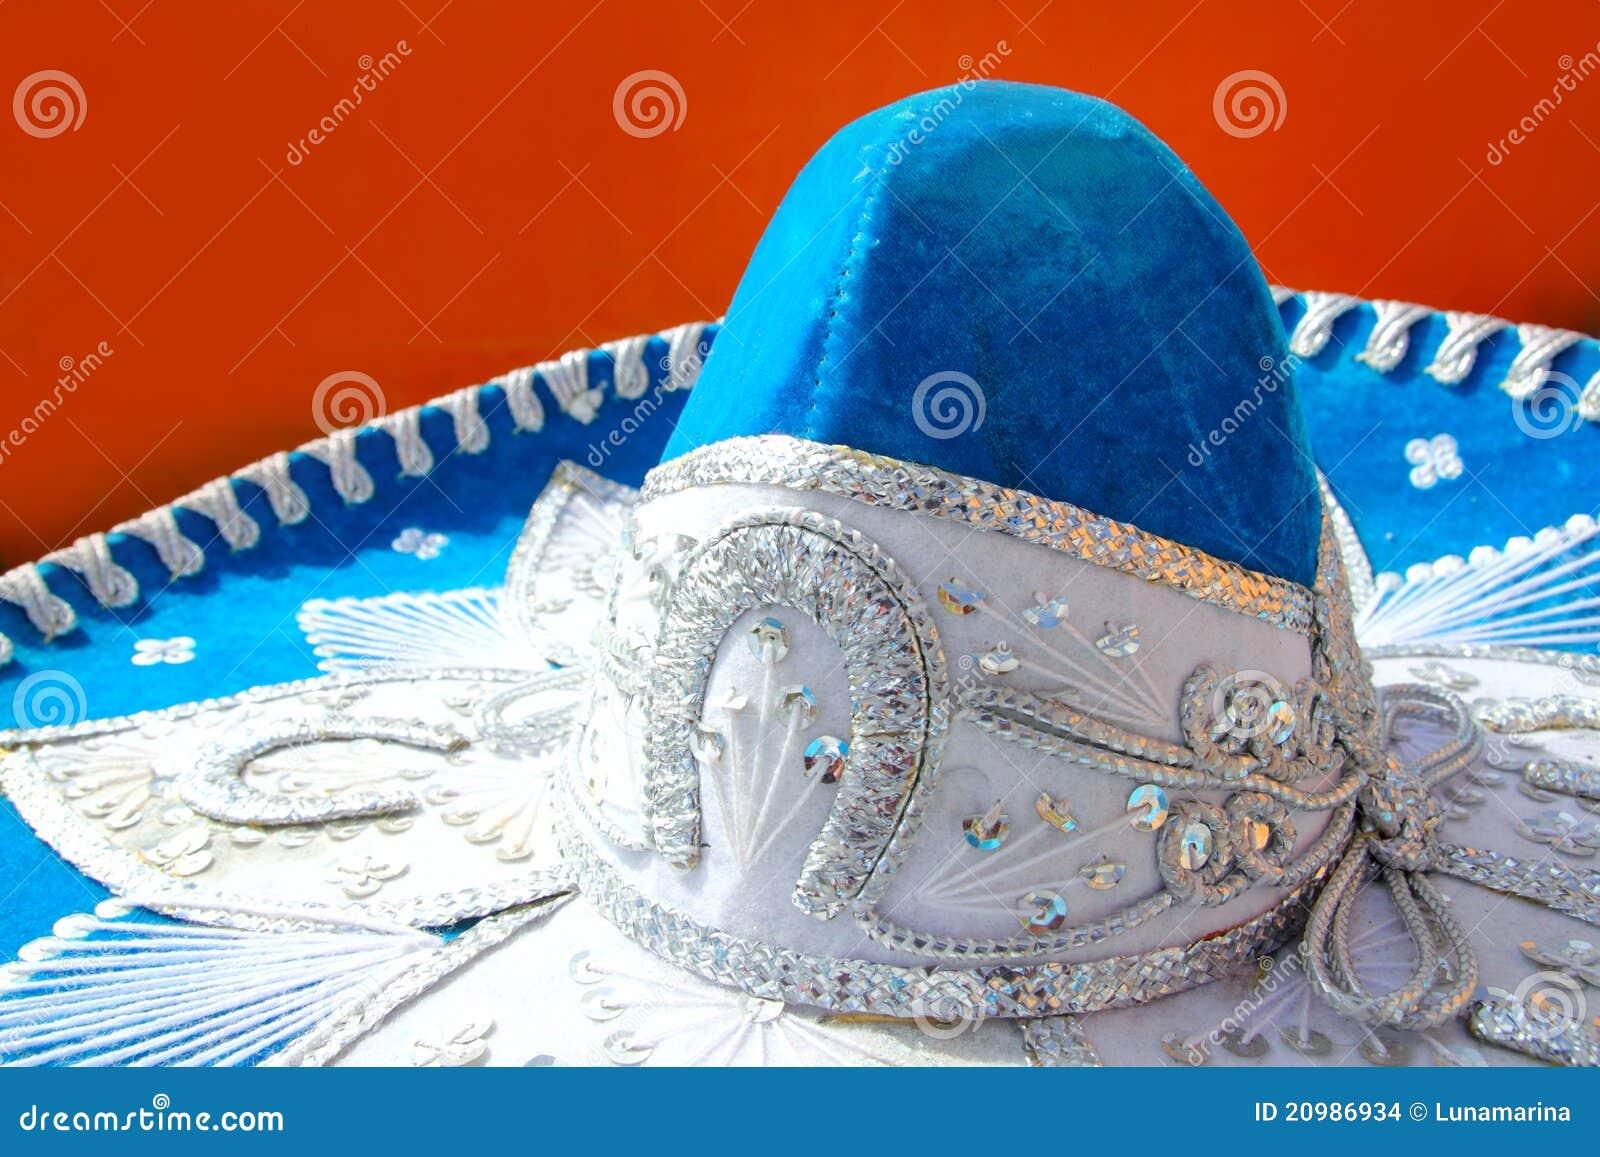 0ecf95c1f8052 Detalle azul del sombrero mexicano del mariachi de Charro sobre fondo  anaranjado en México